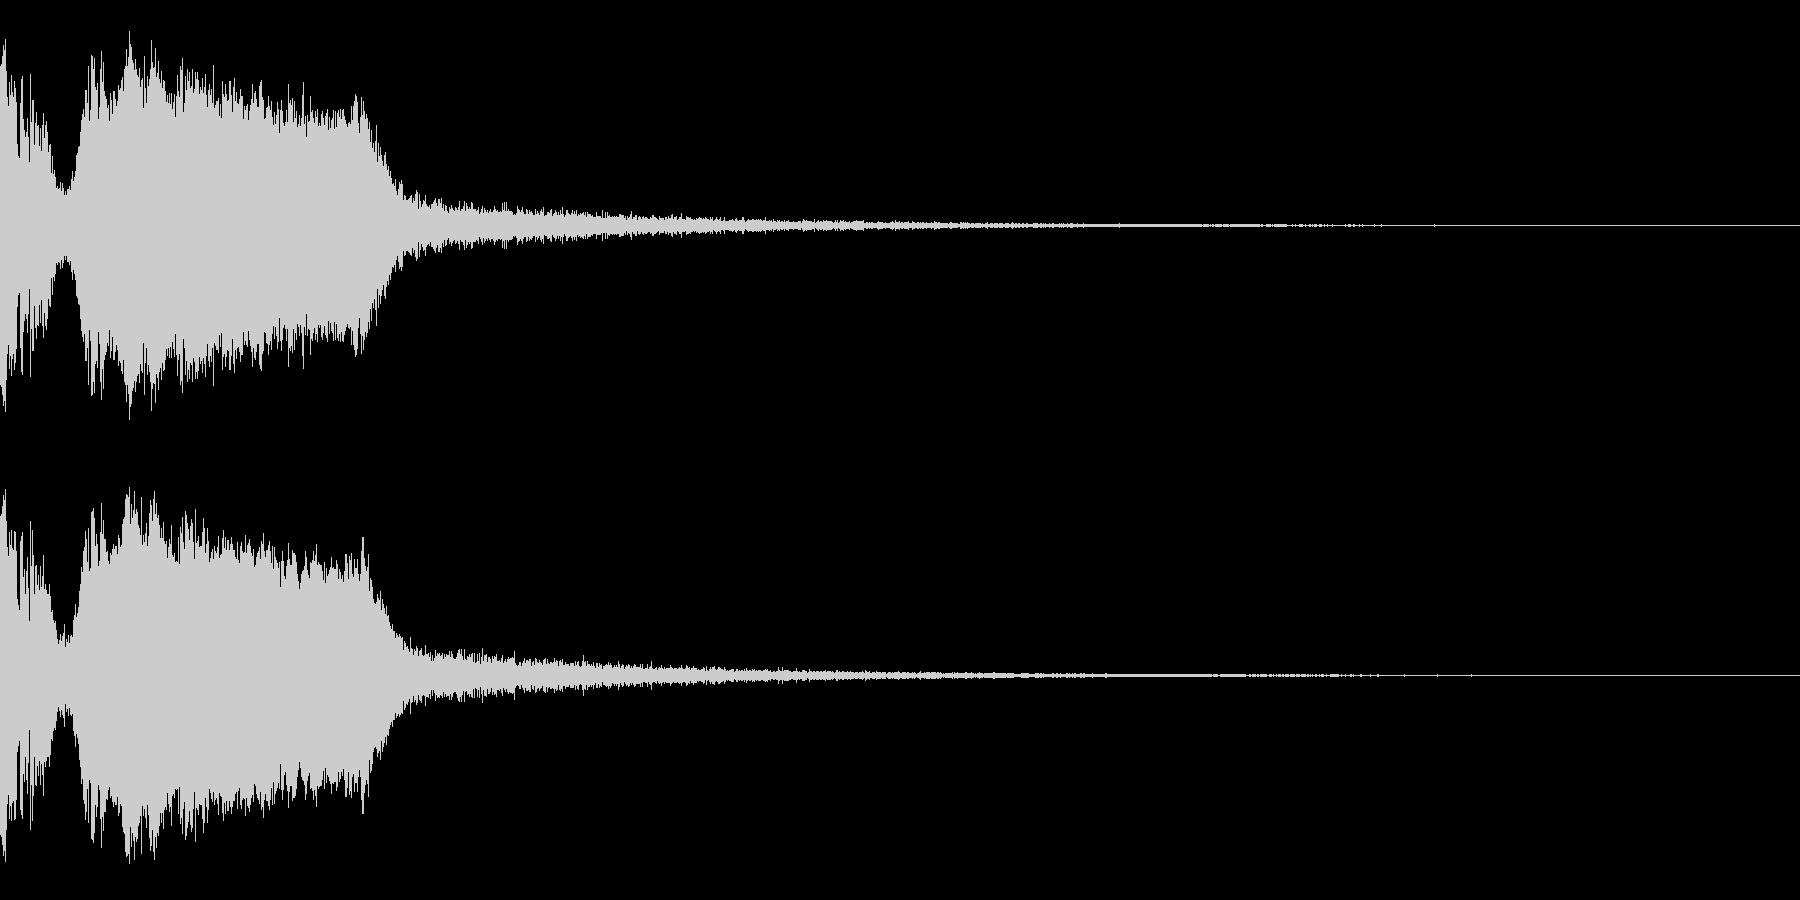 DJFX ヒットチャート発表前SE 10の未再生の波形